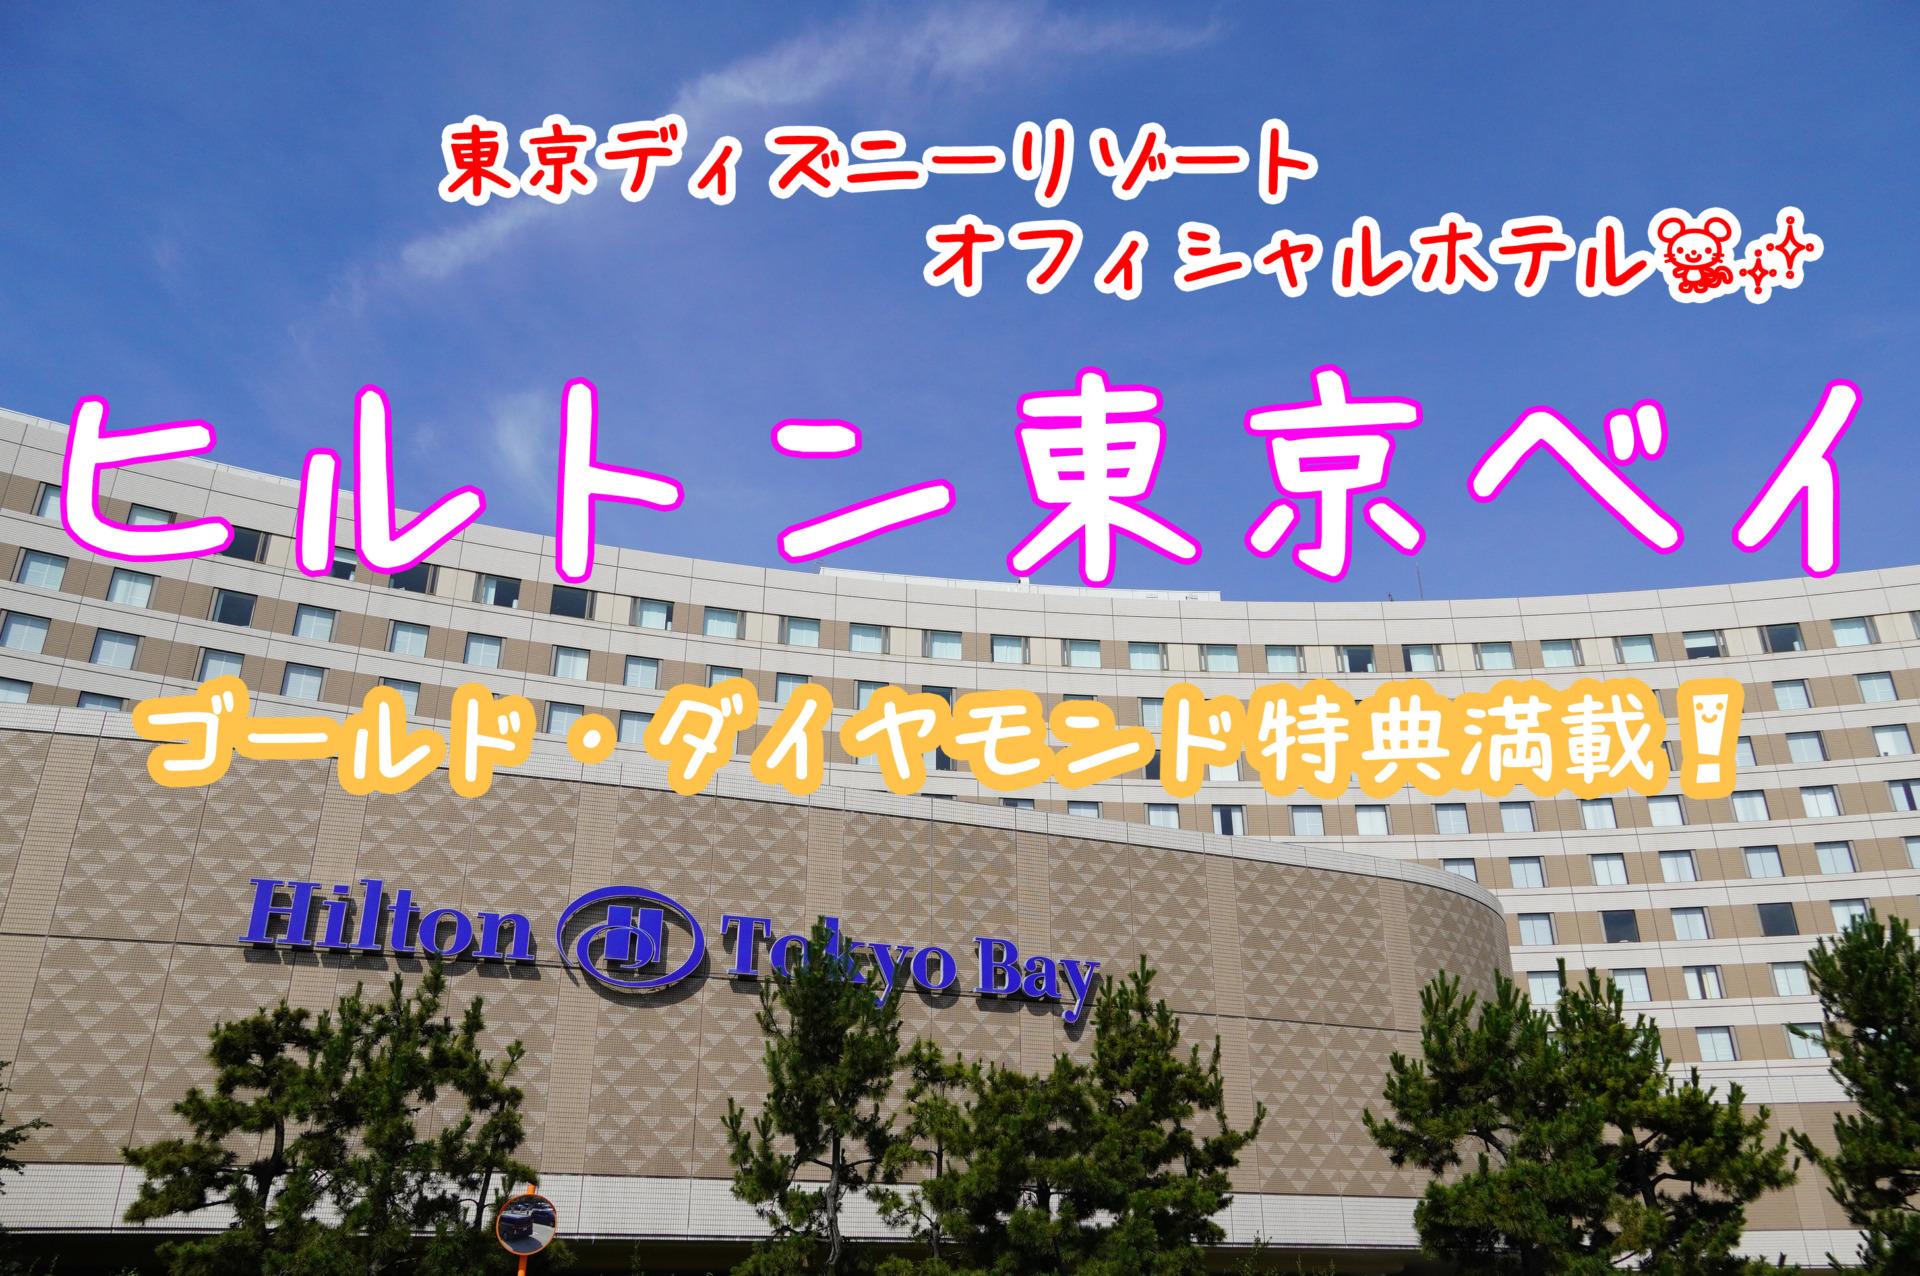 ヒルトン東京ベイ 宿泊記 週末物見遊山